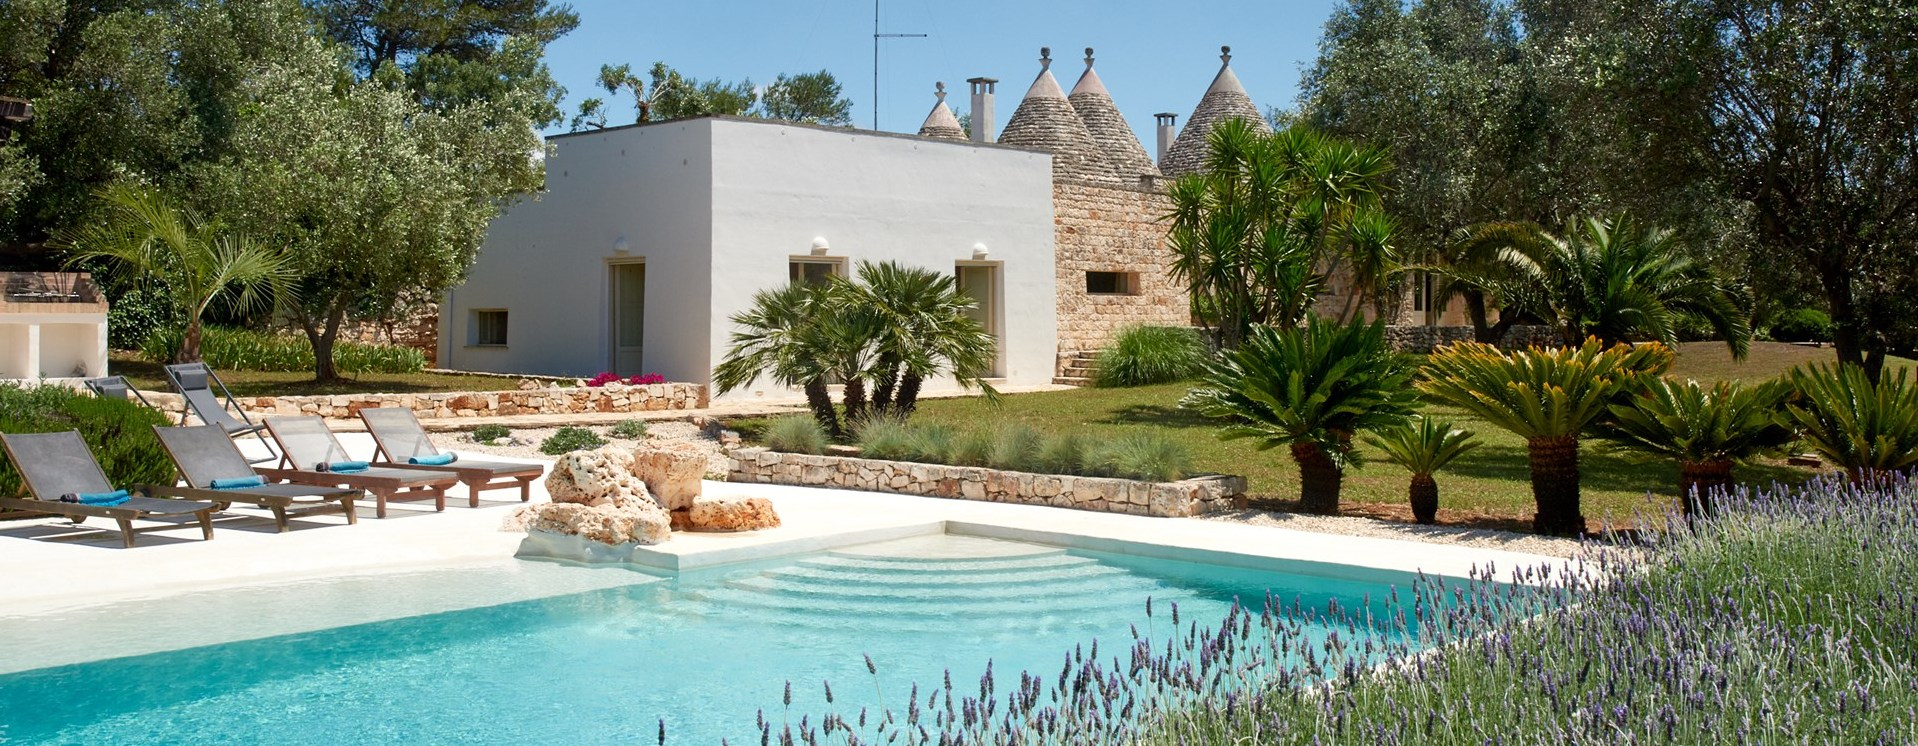 la-moresca-3-bed-villa-puglia